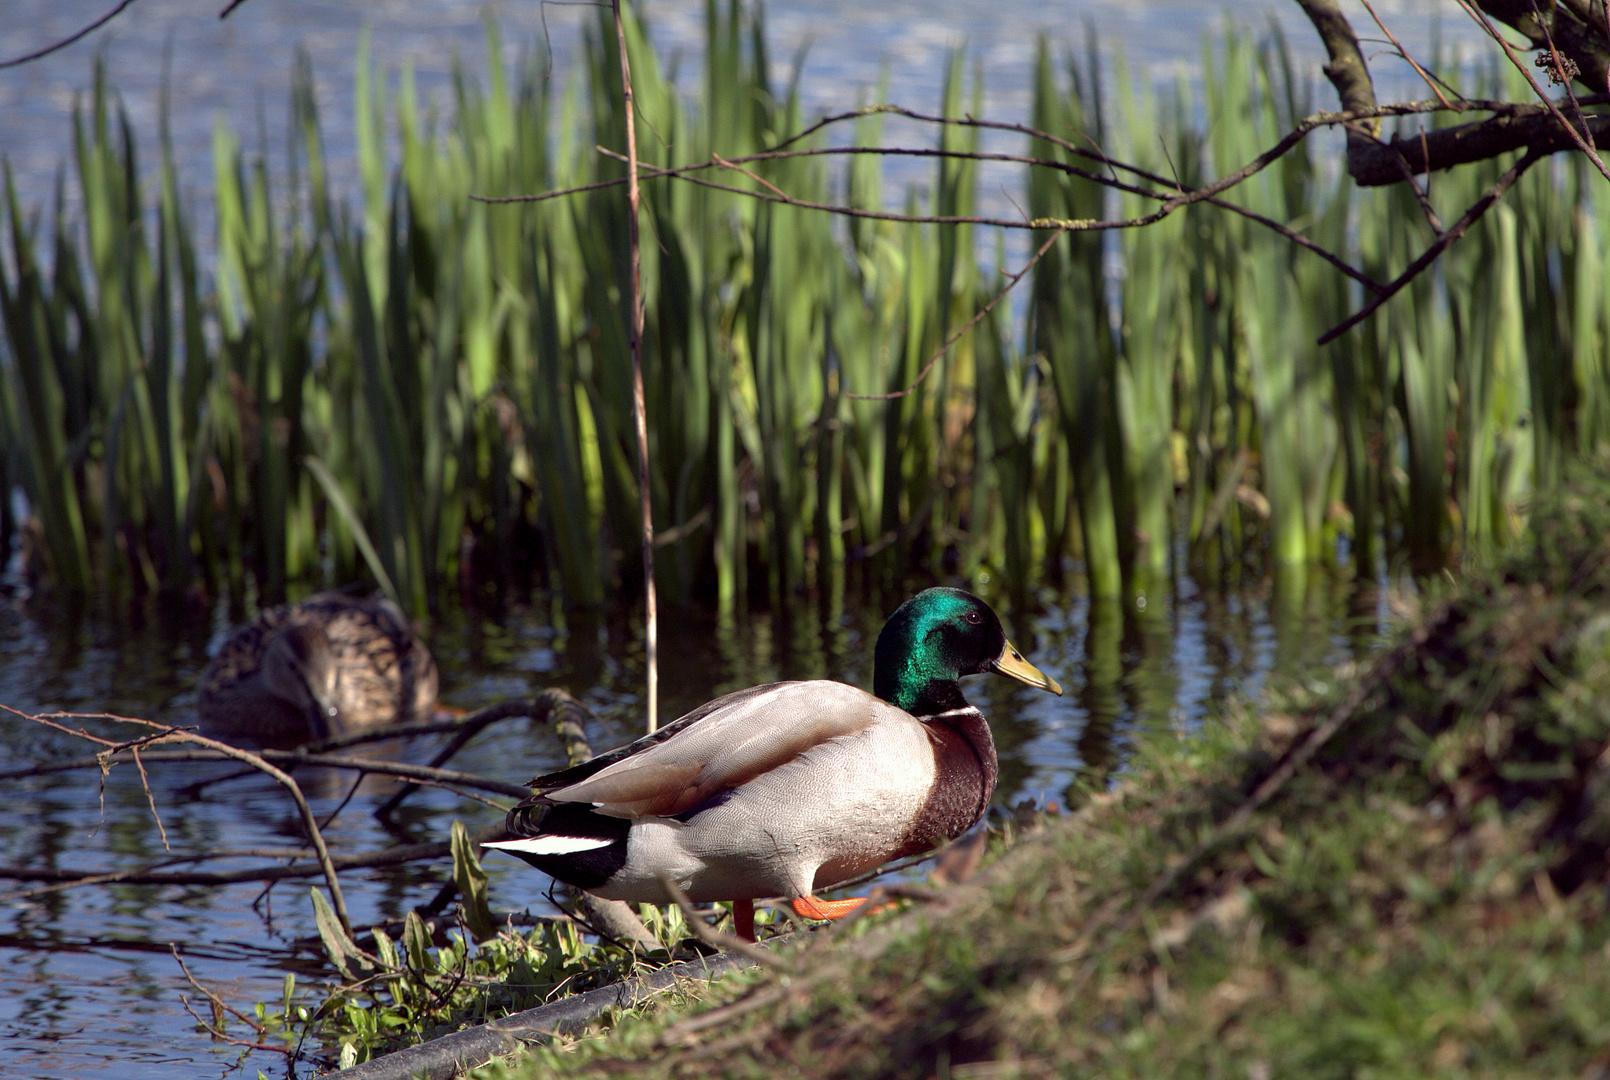 un p'tit canard au bord de l'eau ...